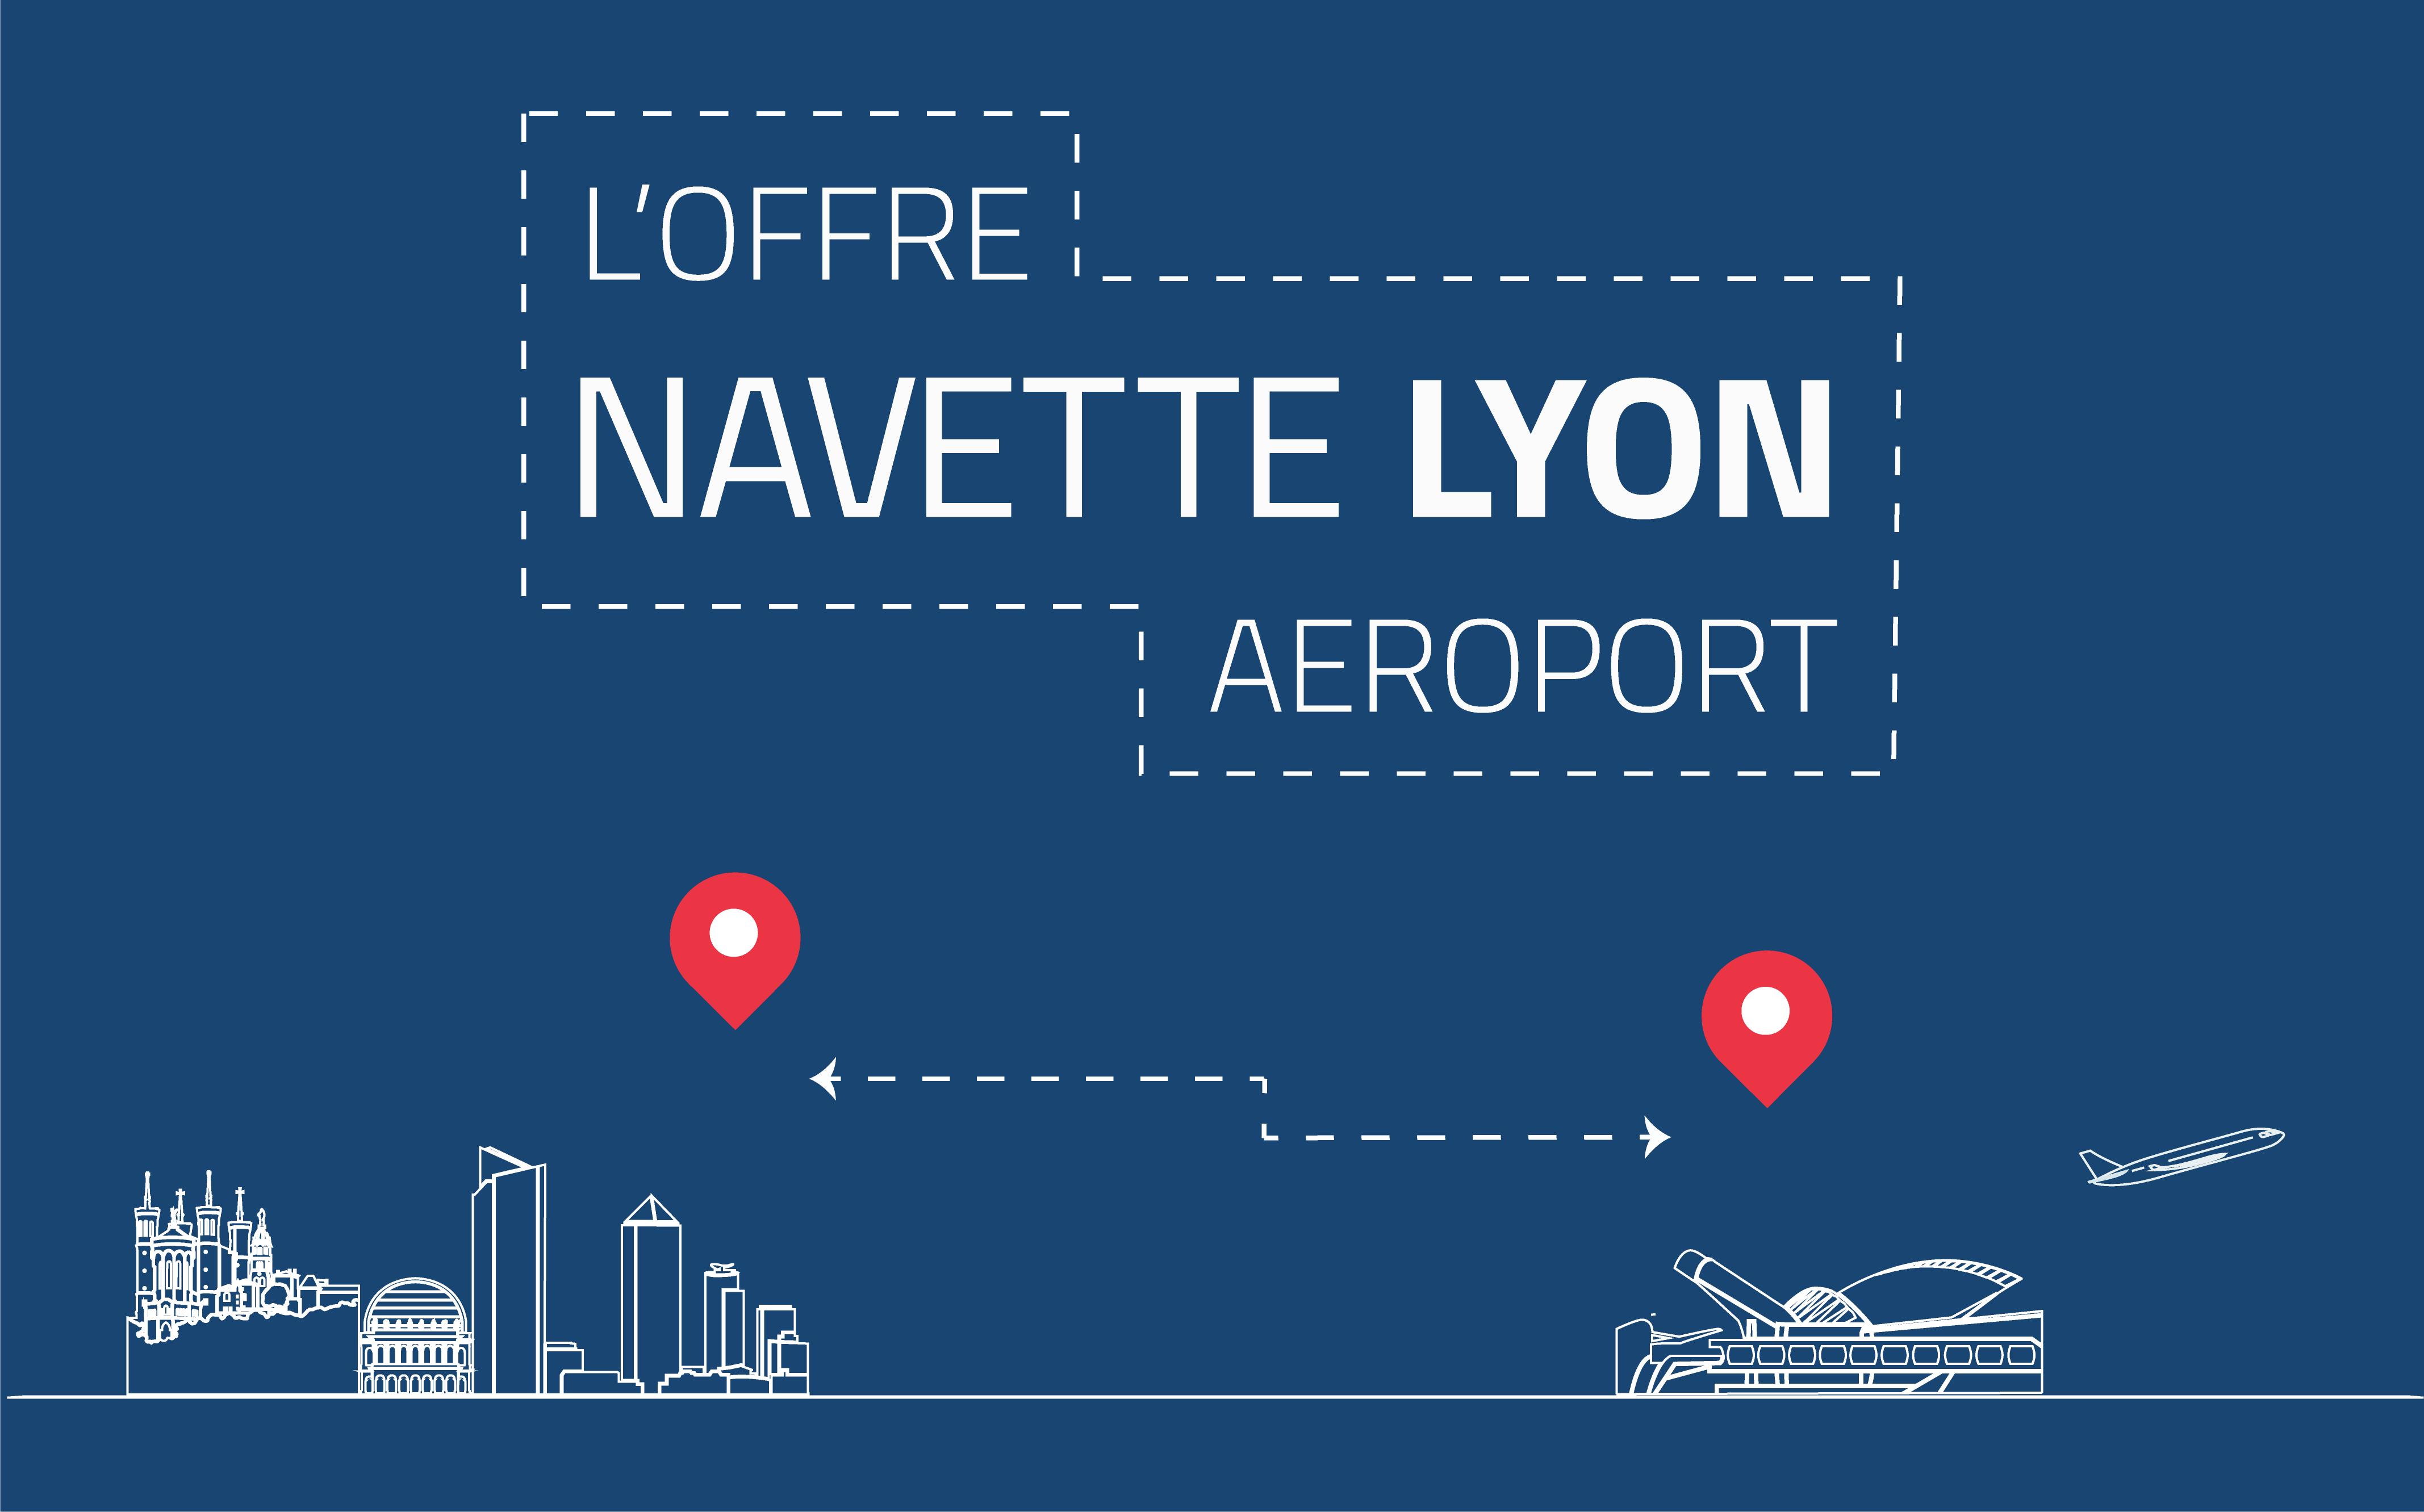 Article Offre Lyon Aéroport